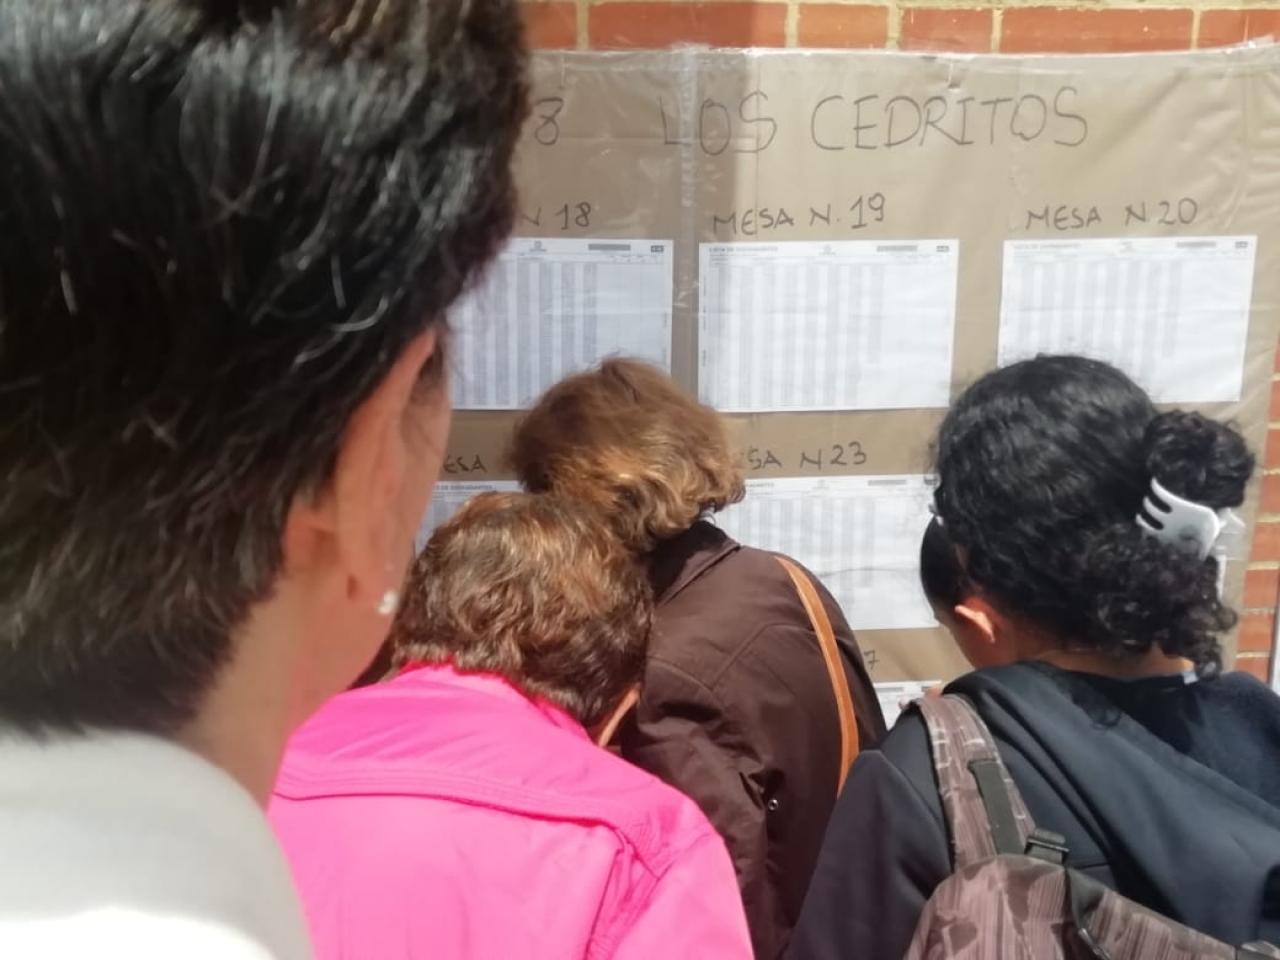 Siga de cerca la jornada electoral en Usaquén: puesto de votación Cedritos